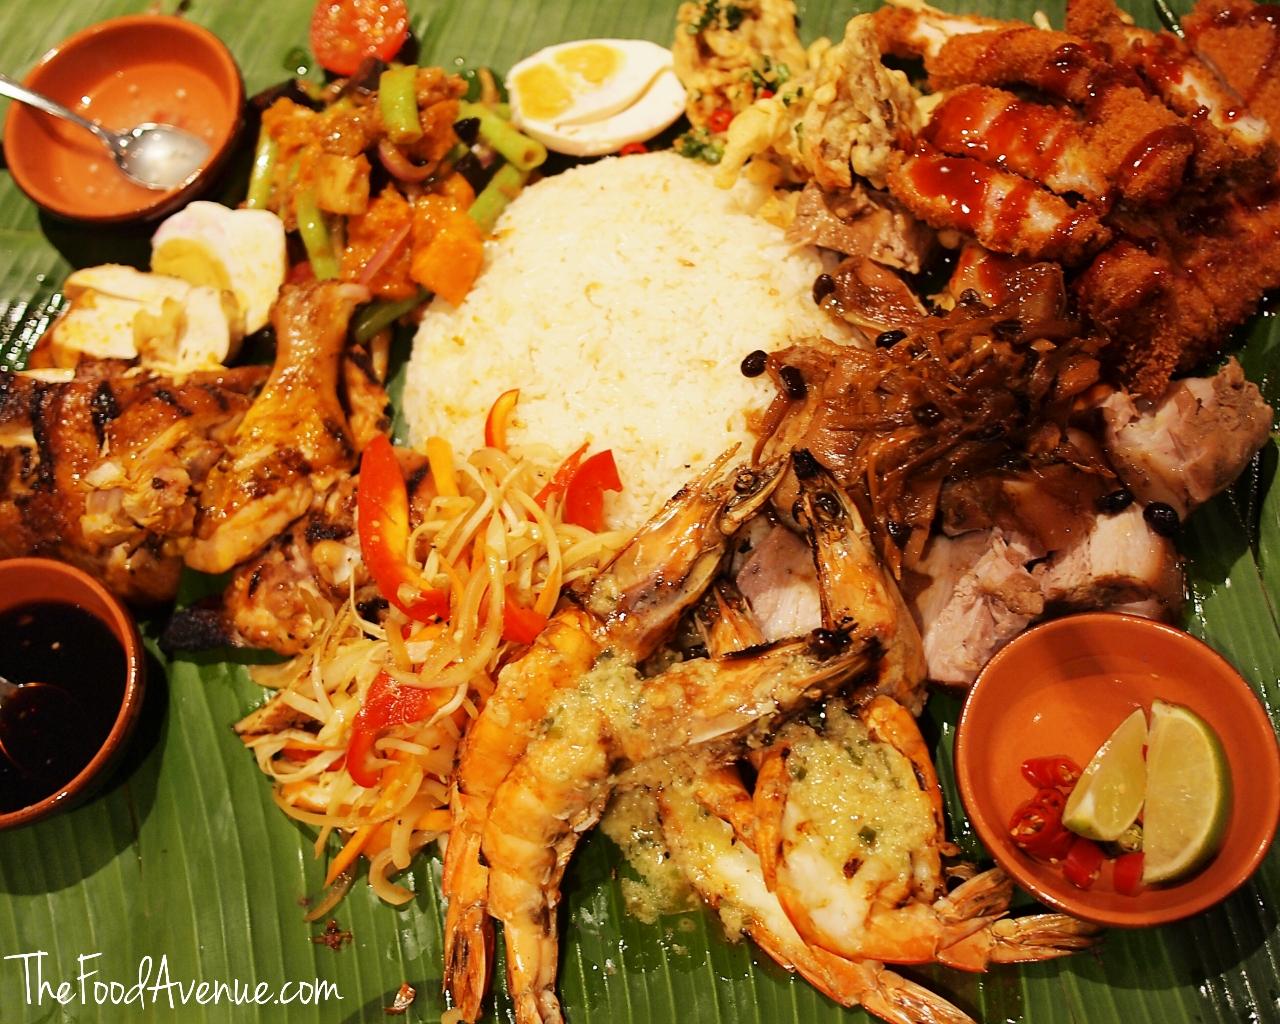 Boodle_Feast_The_Food_Avenue